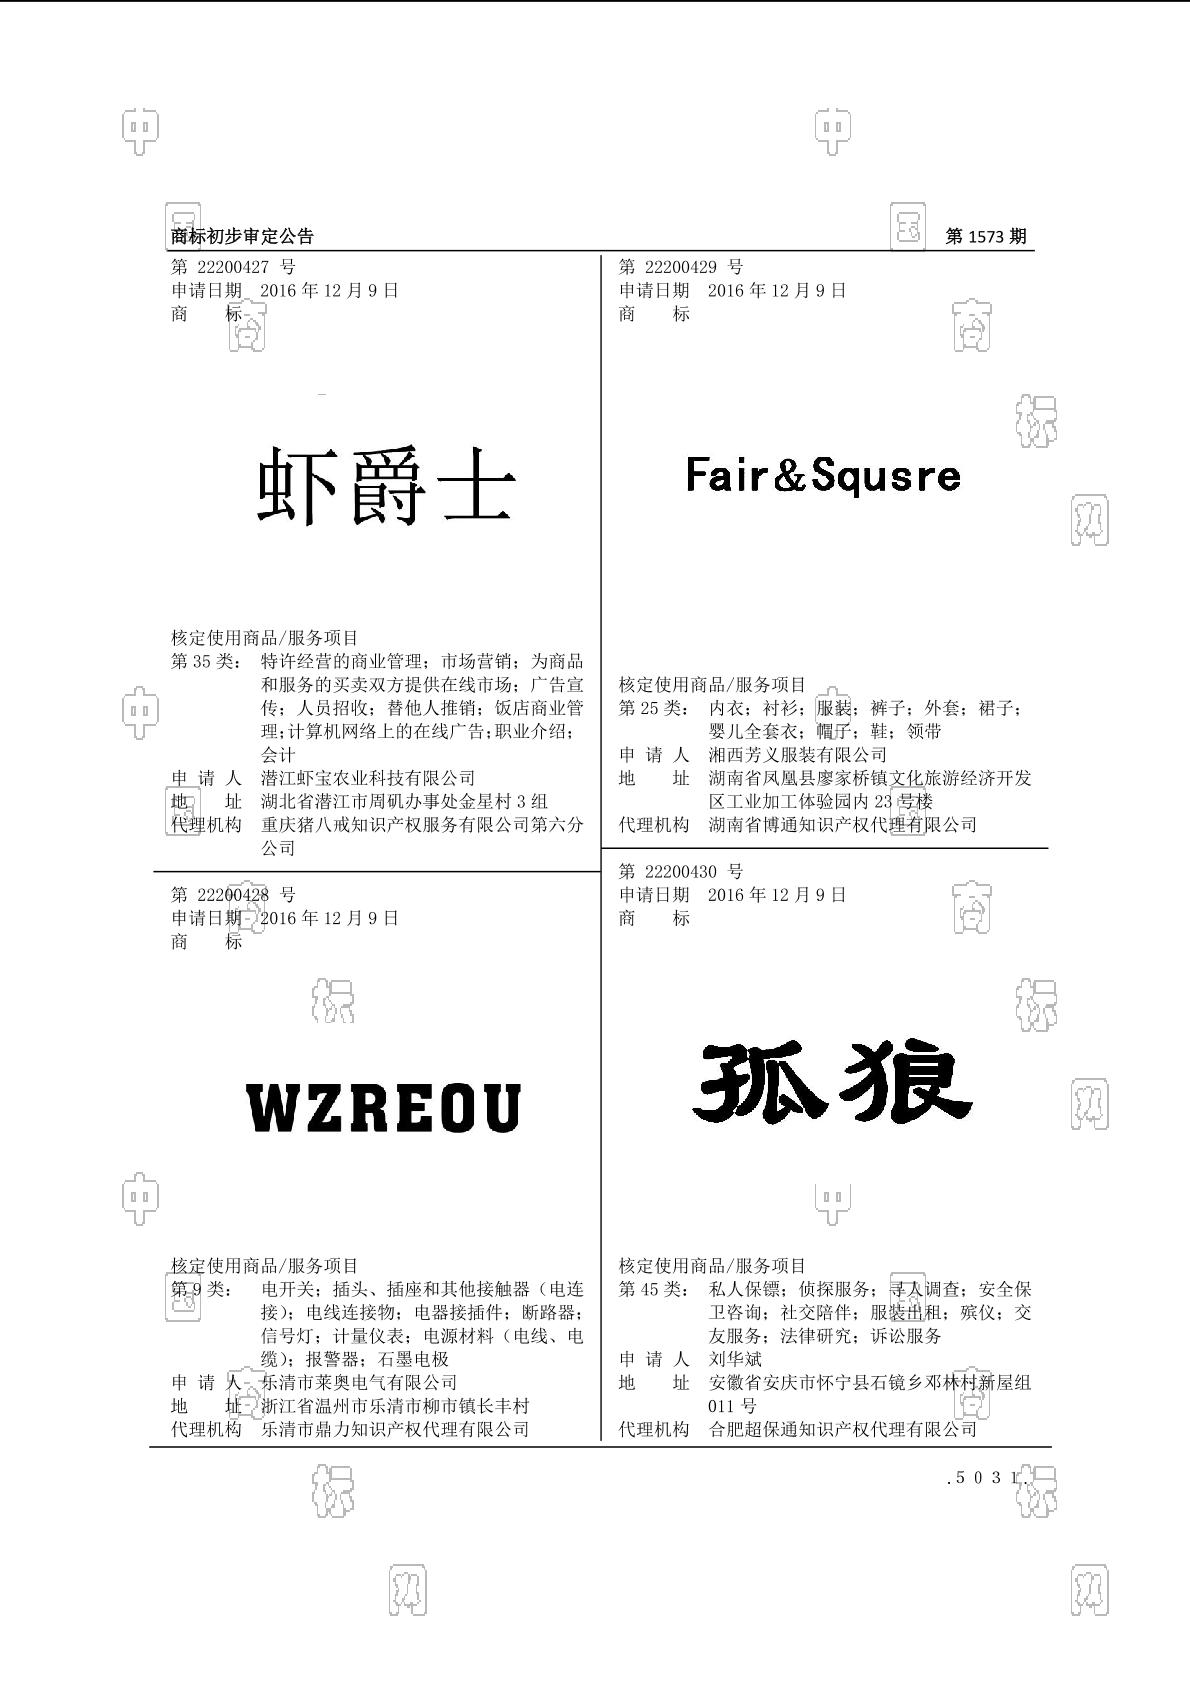 【社标网】孤狼商标状态注册号信息 刘华斌商标信息-商标查询